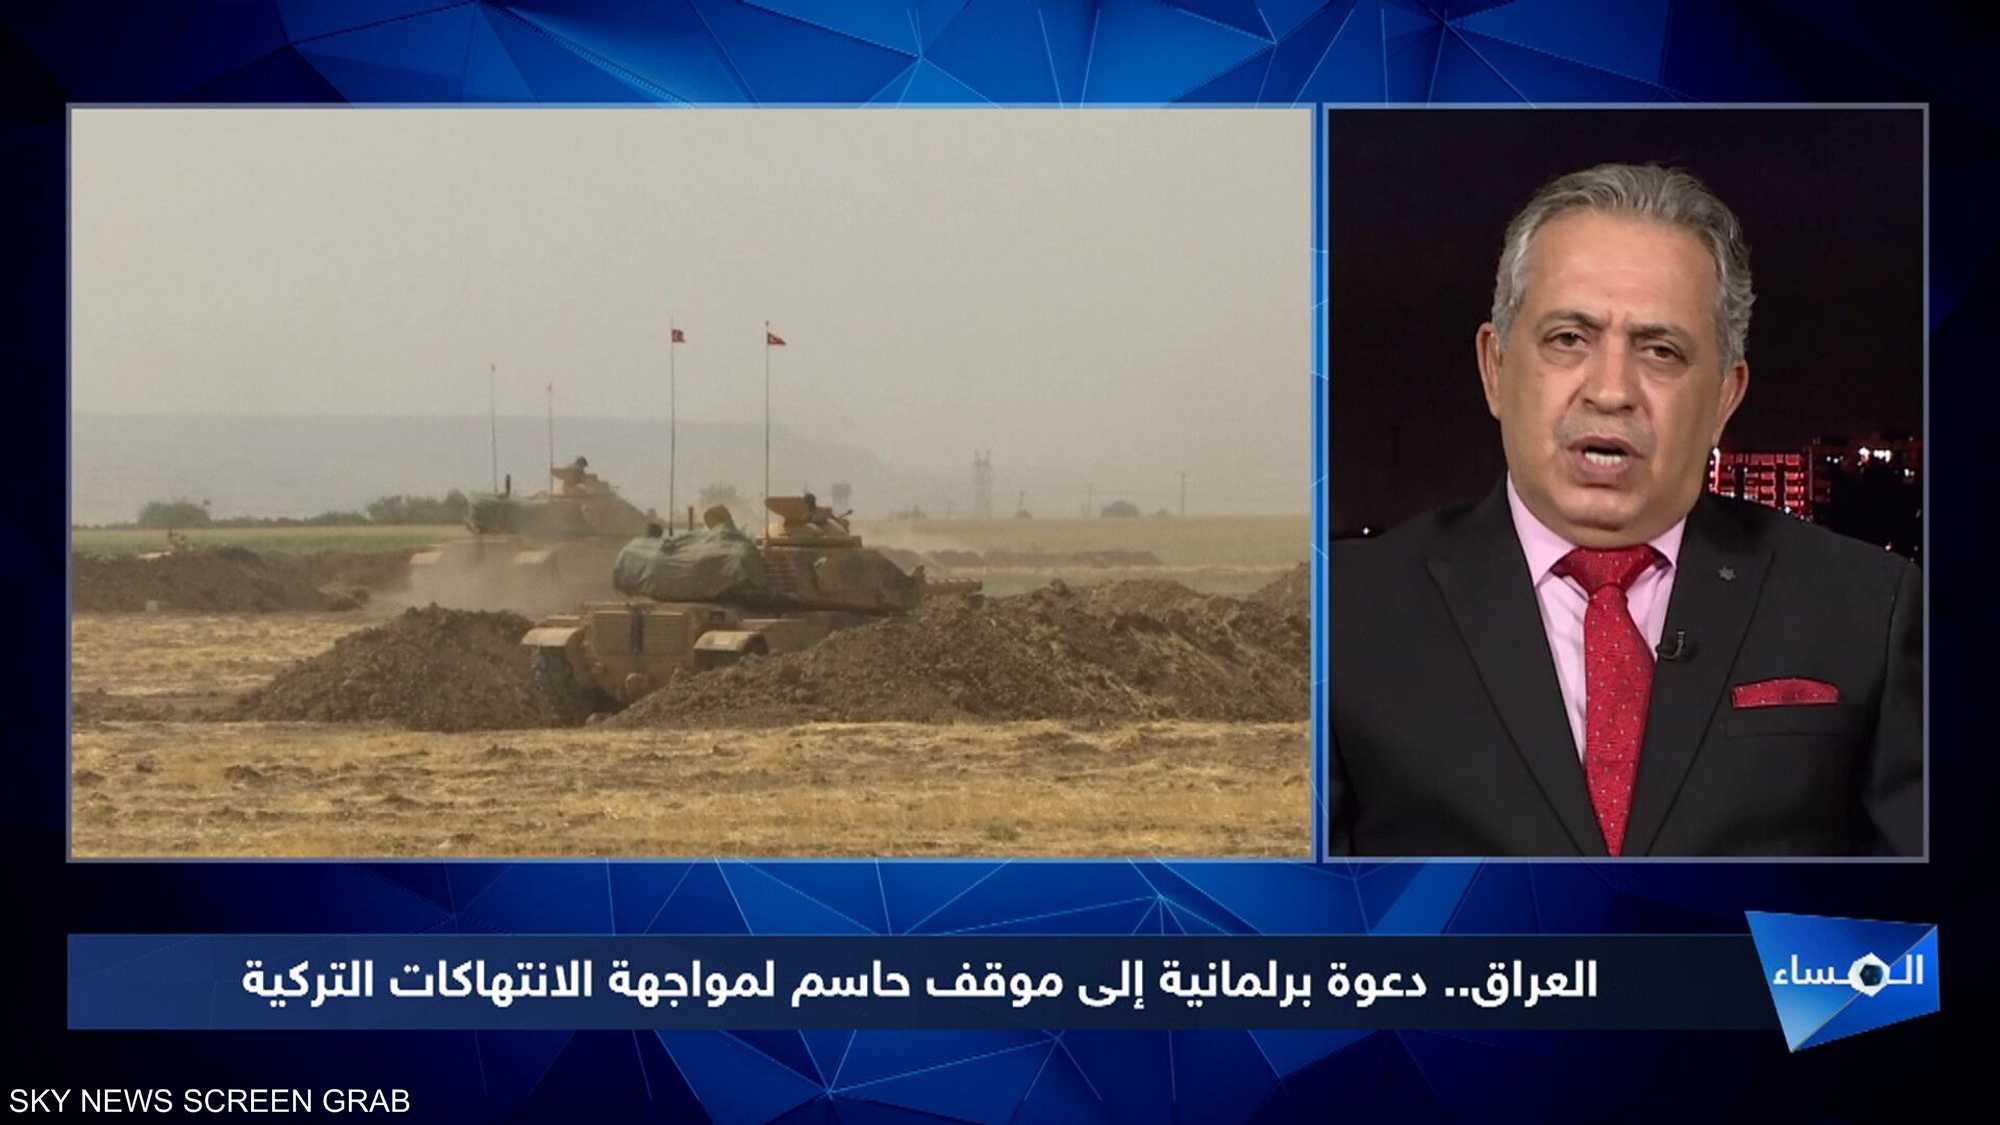 العراق.. دعوة برلمانية إلى موقف حاسم لمواجهة لانتهاك التركي